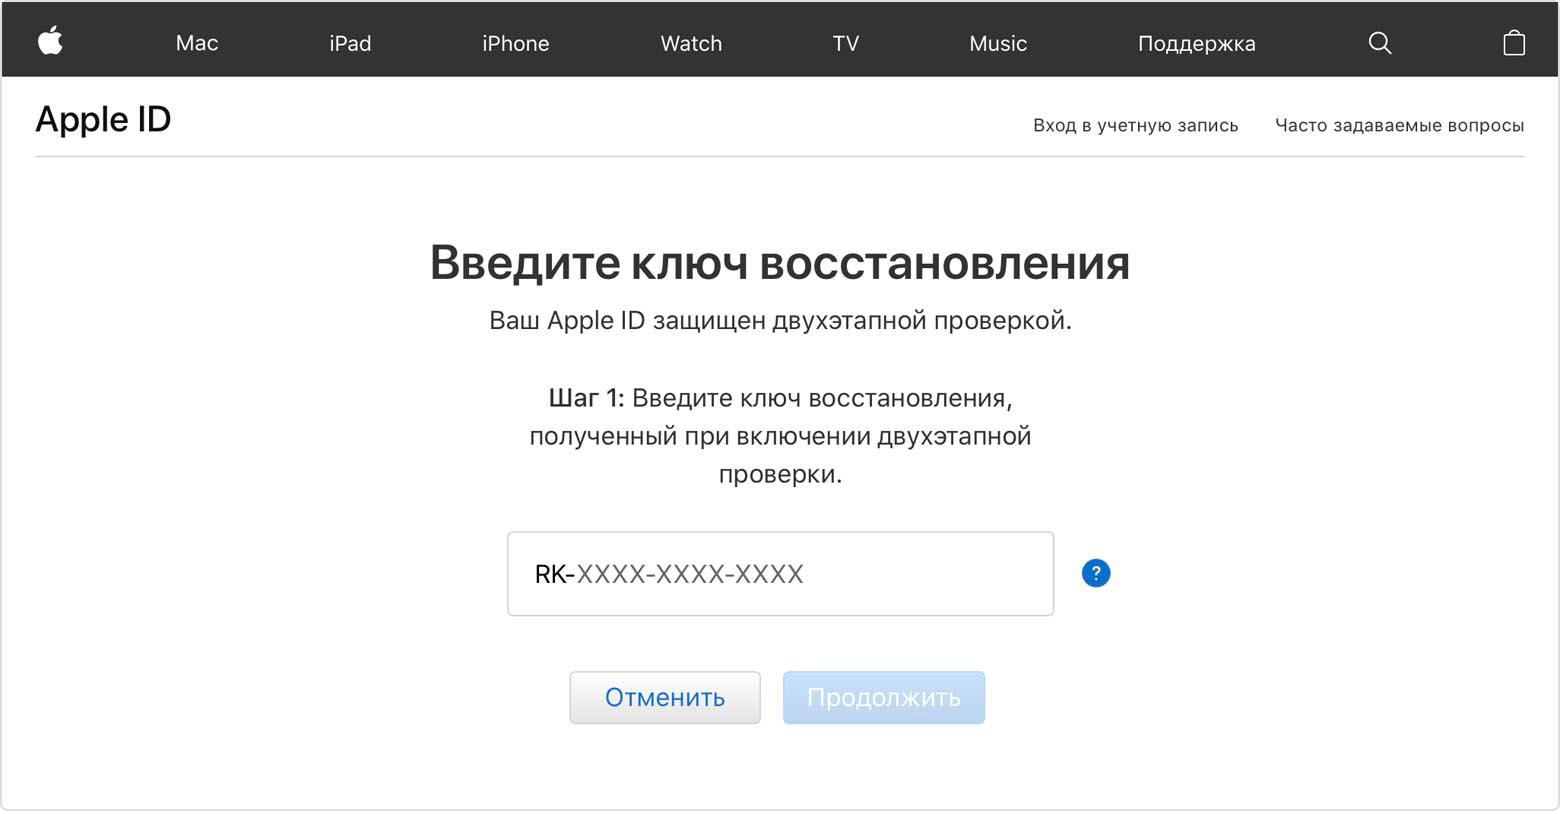 Экран Apple ID с запросом «Введите ключ восстановления»